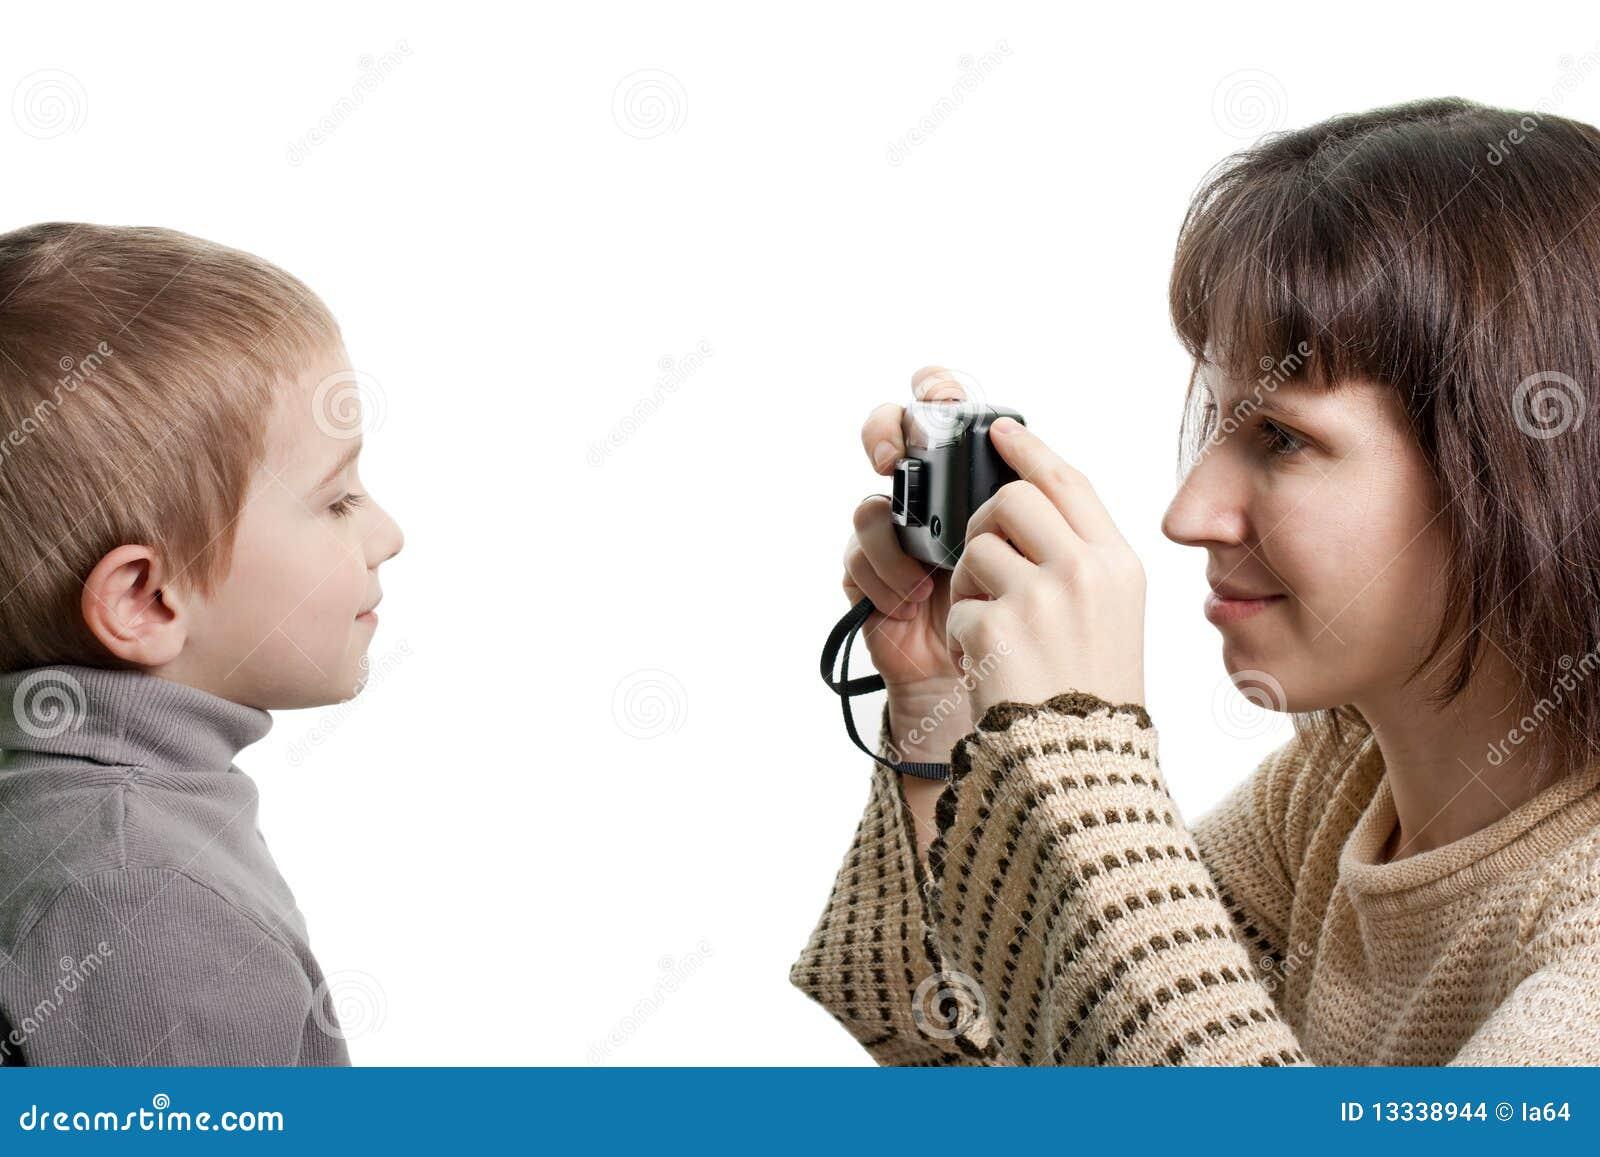 Сын фотографирует маму 1 фотография